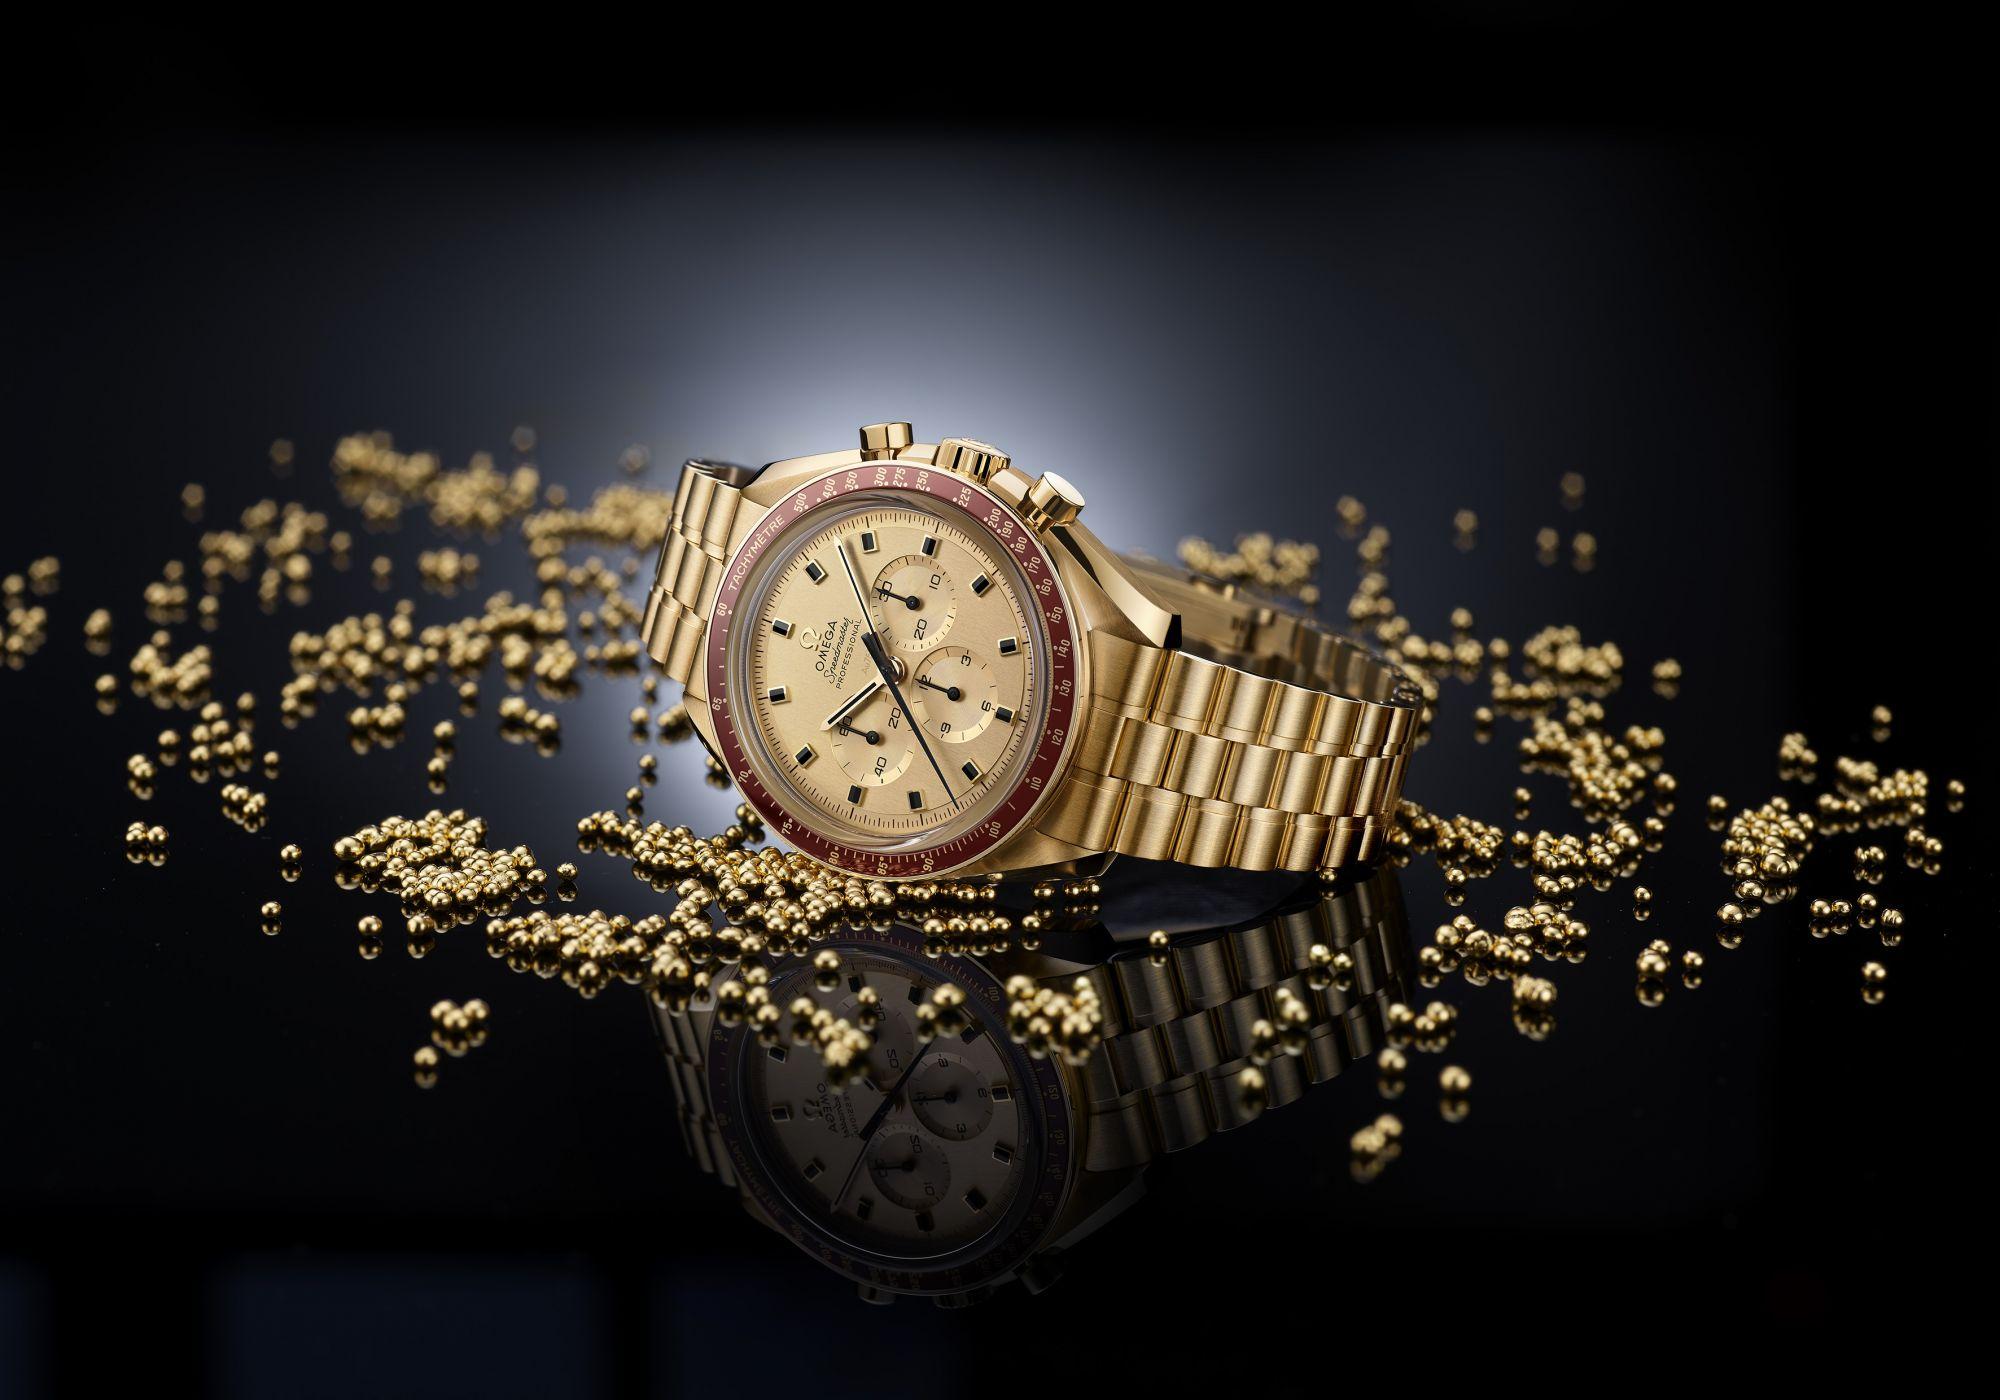 登陸月球50週年,OMEGA限量超霸阿波羅11號腕錶續寫傳奇,紀念人類重要時刻